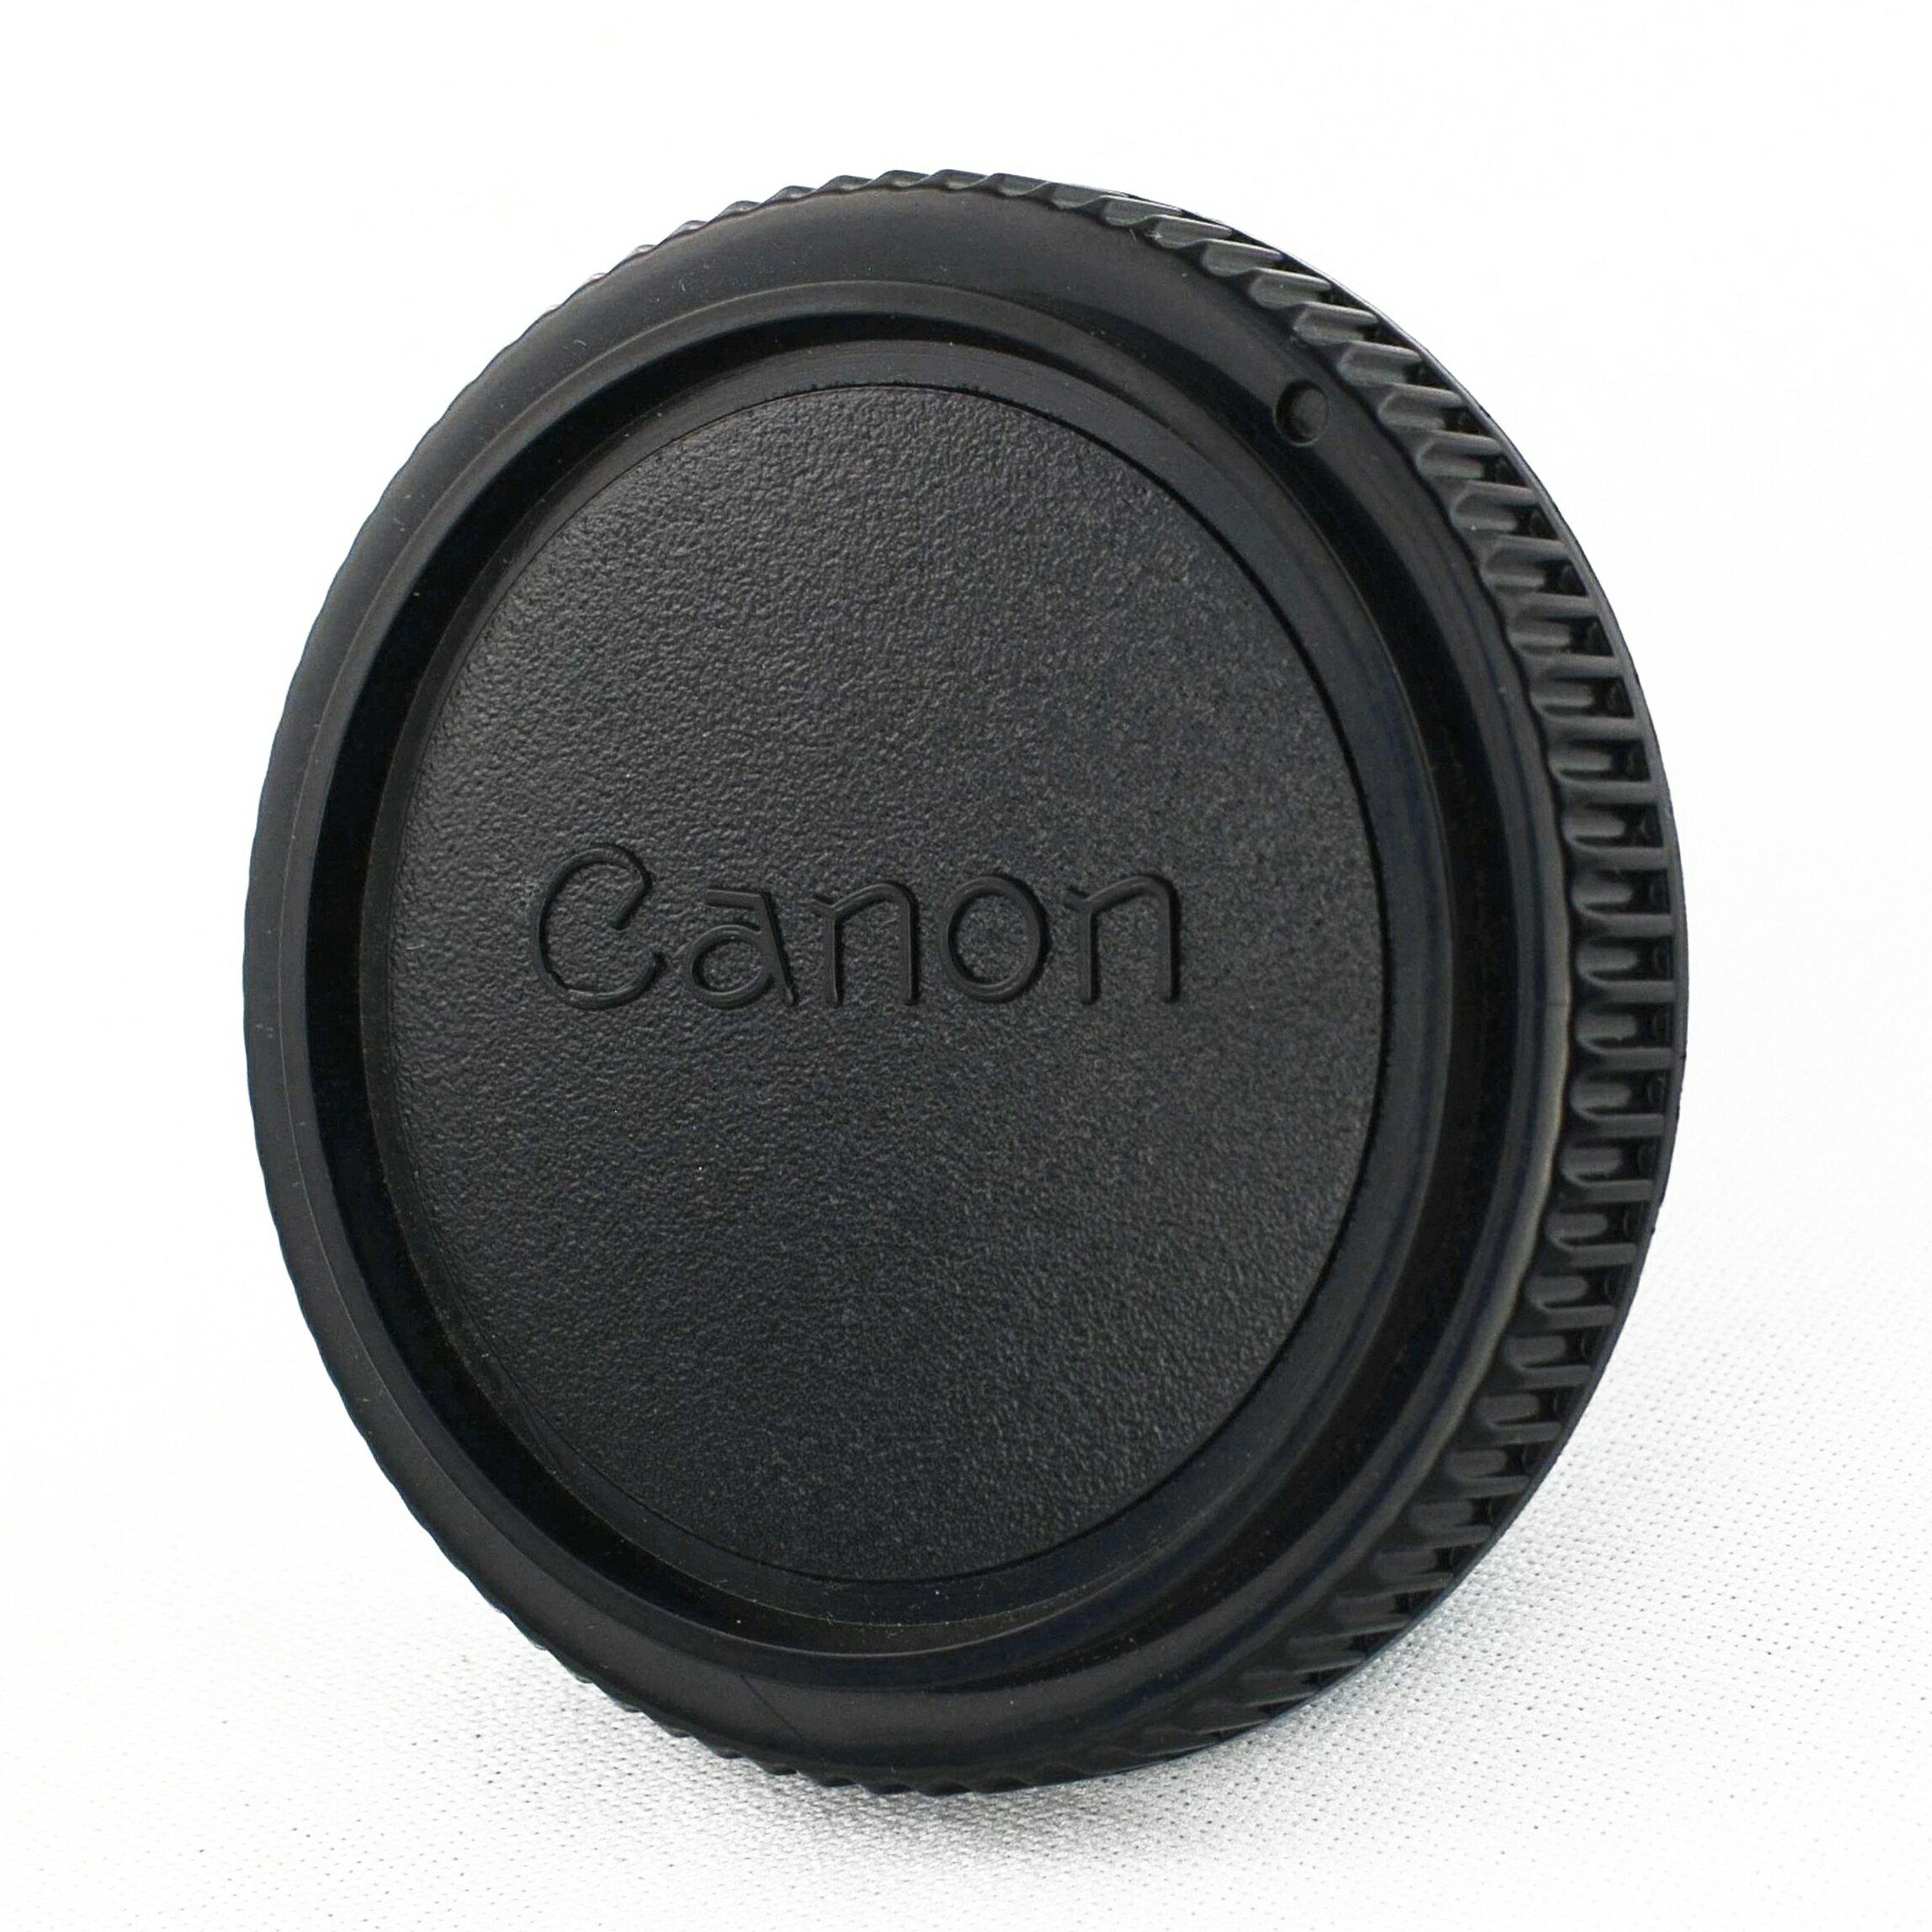 又敗家@佳能Canon機身蓋FD機身蓋FL機身蓋適相機保護蓋FD/FL接環單眼相機(副廠機身蓋,相容canon原廠機身蓋)canon相機蓋FD相機蓋FL相機蓋canon相機保護蓋fd相機保護蓋FL相機..